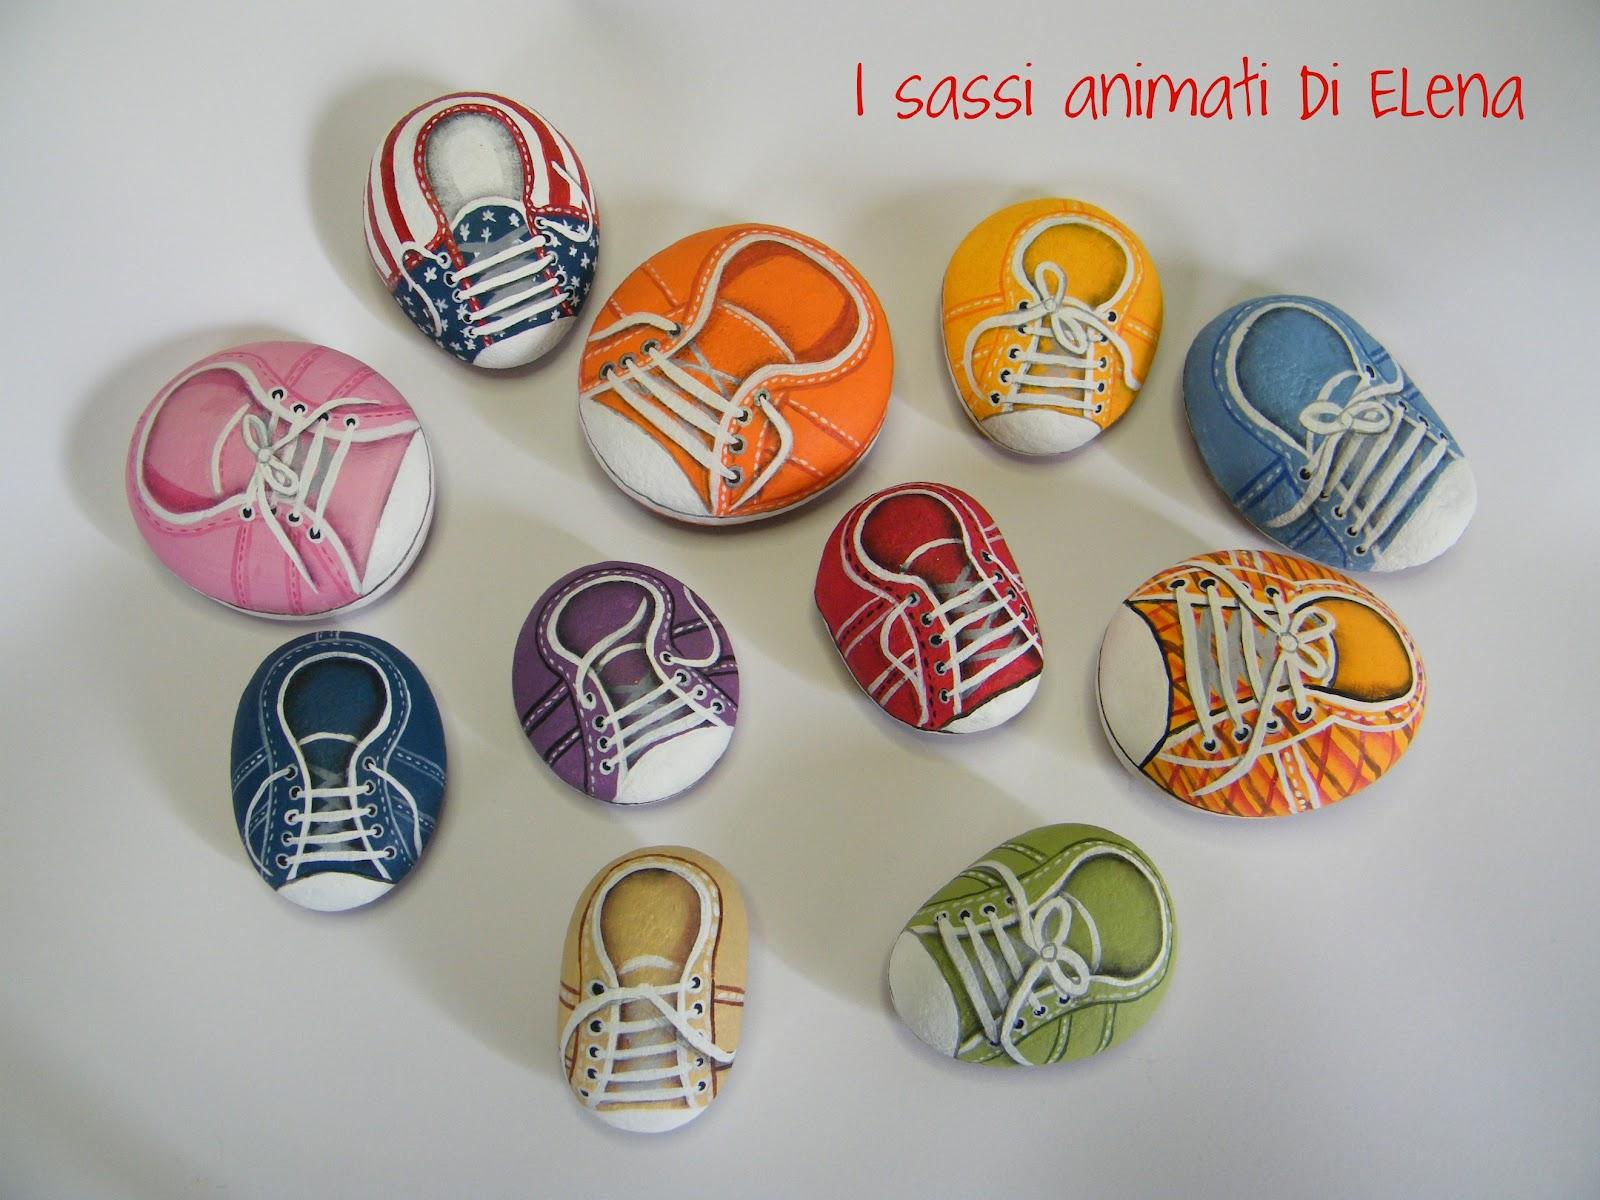 Elena sanson dipinti su sasso: le scarpette